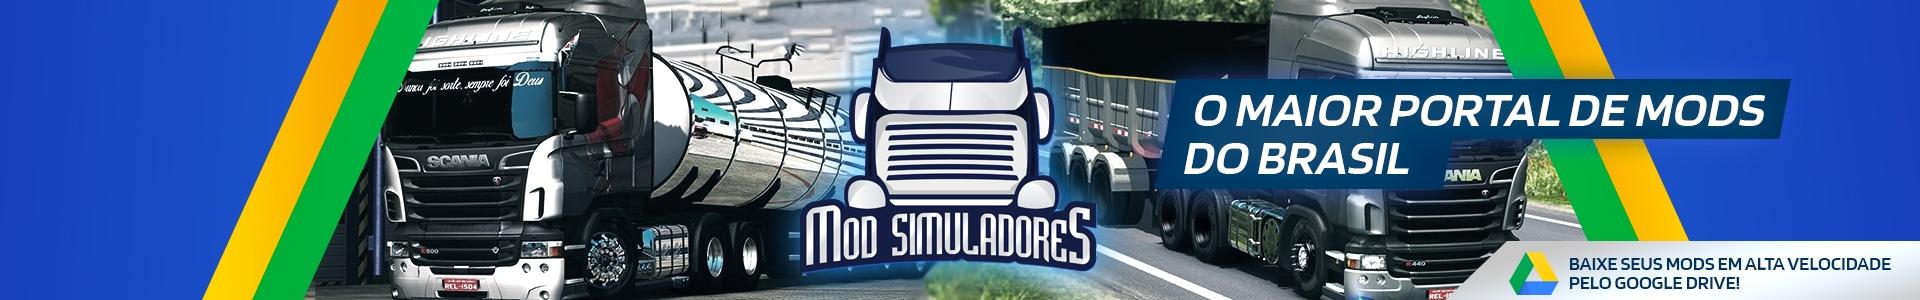 Mod Simuladores